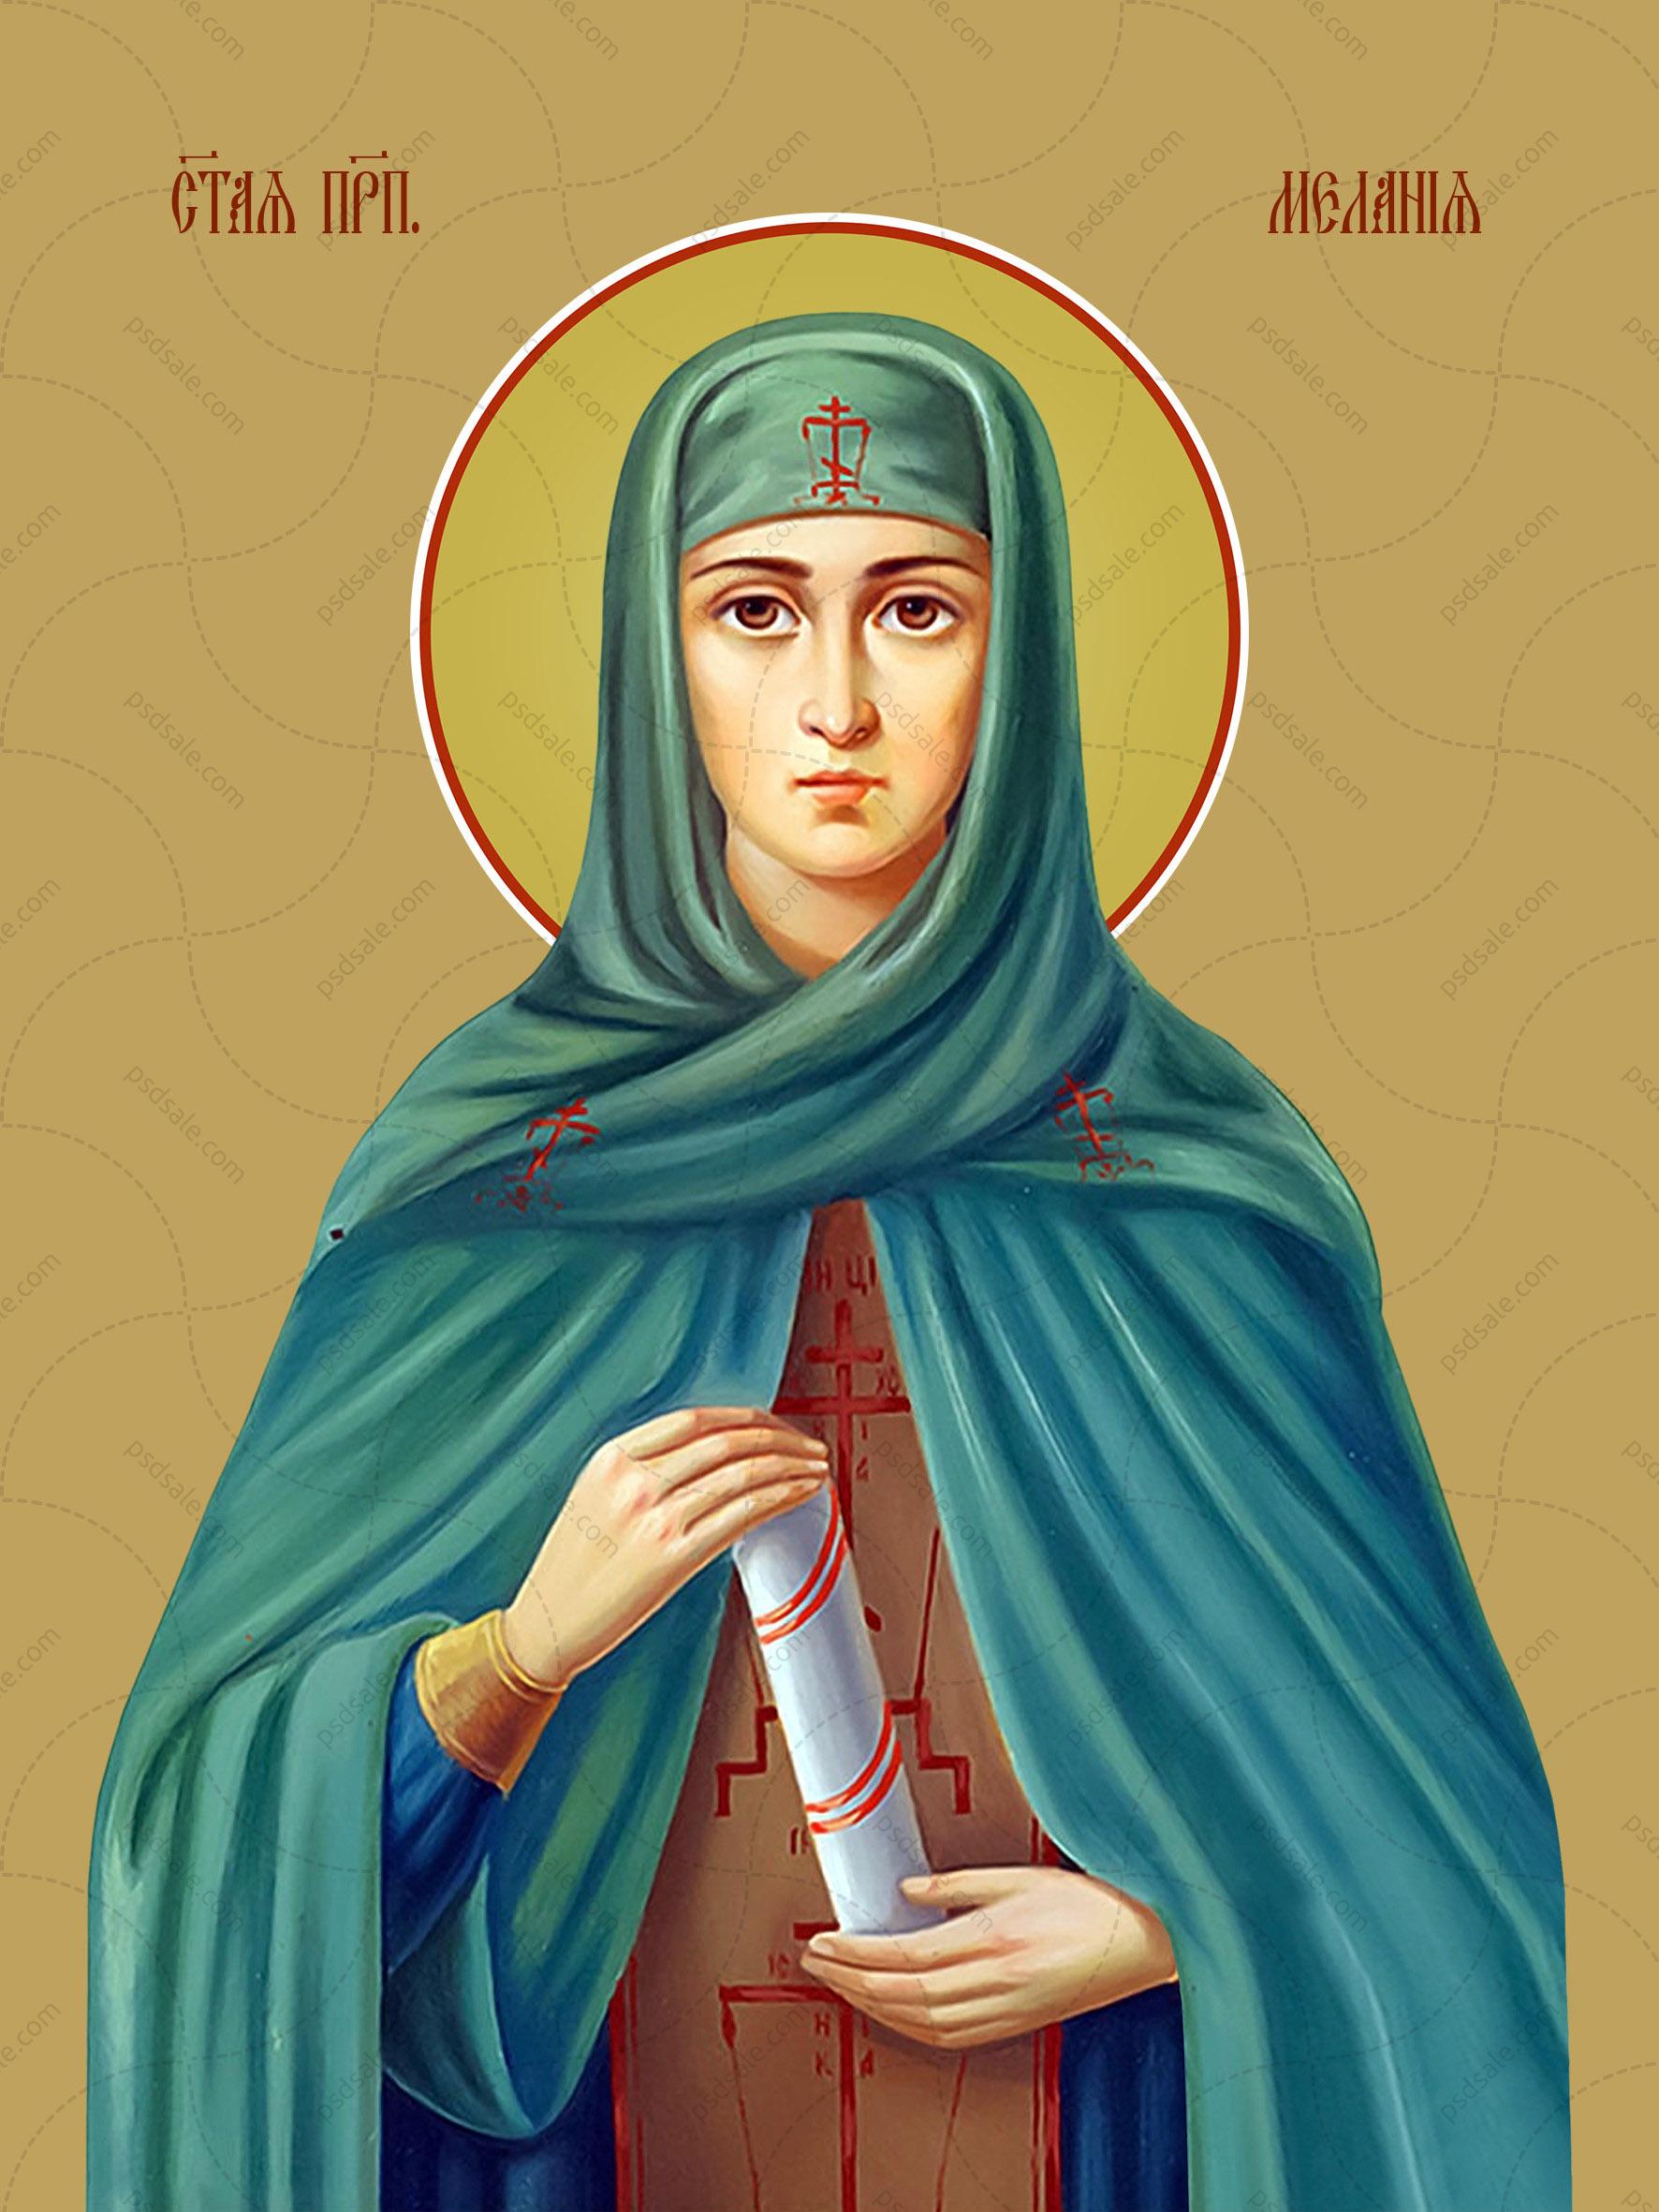 Мелания Римляныня, святая